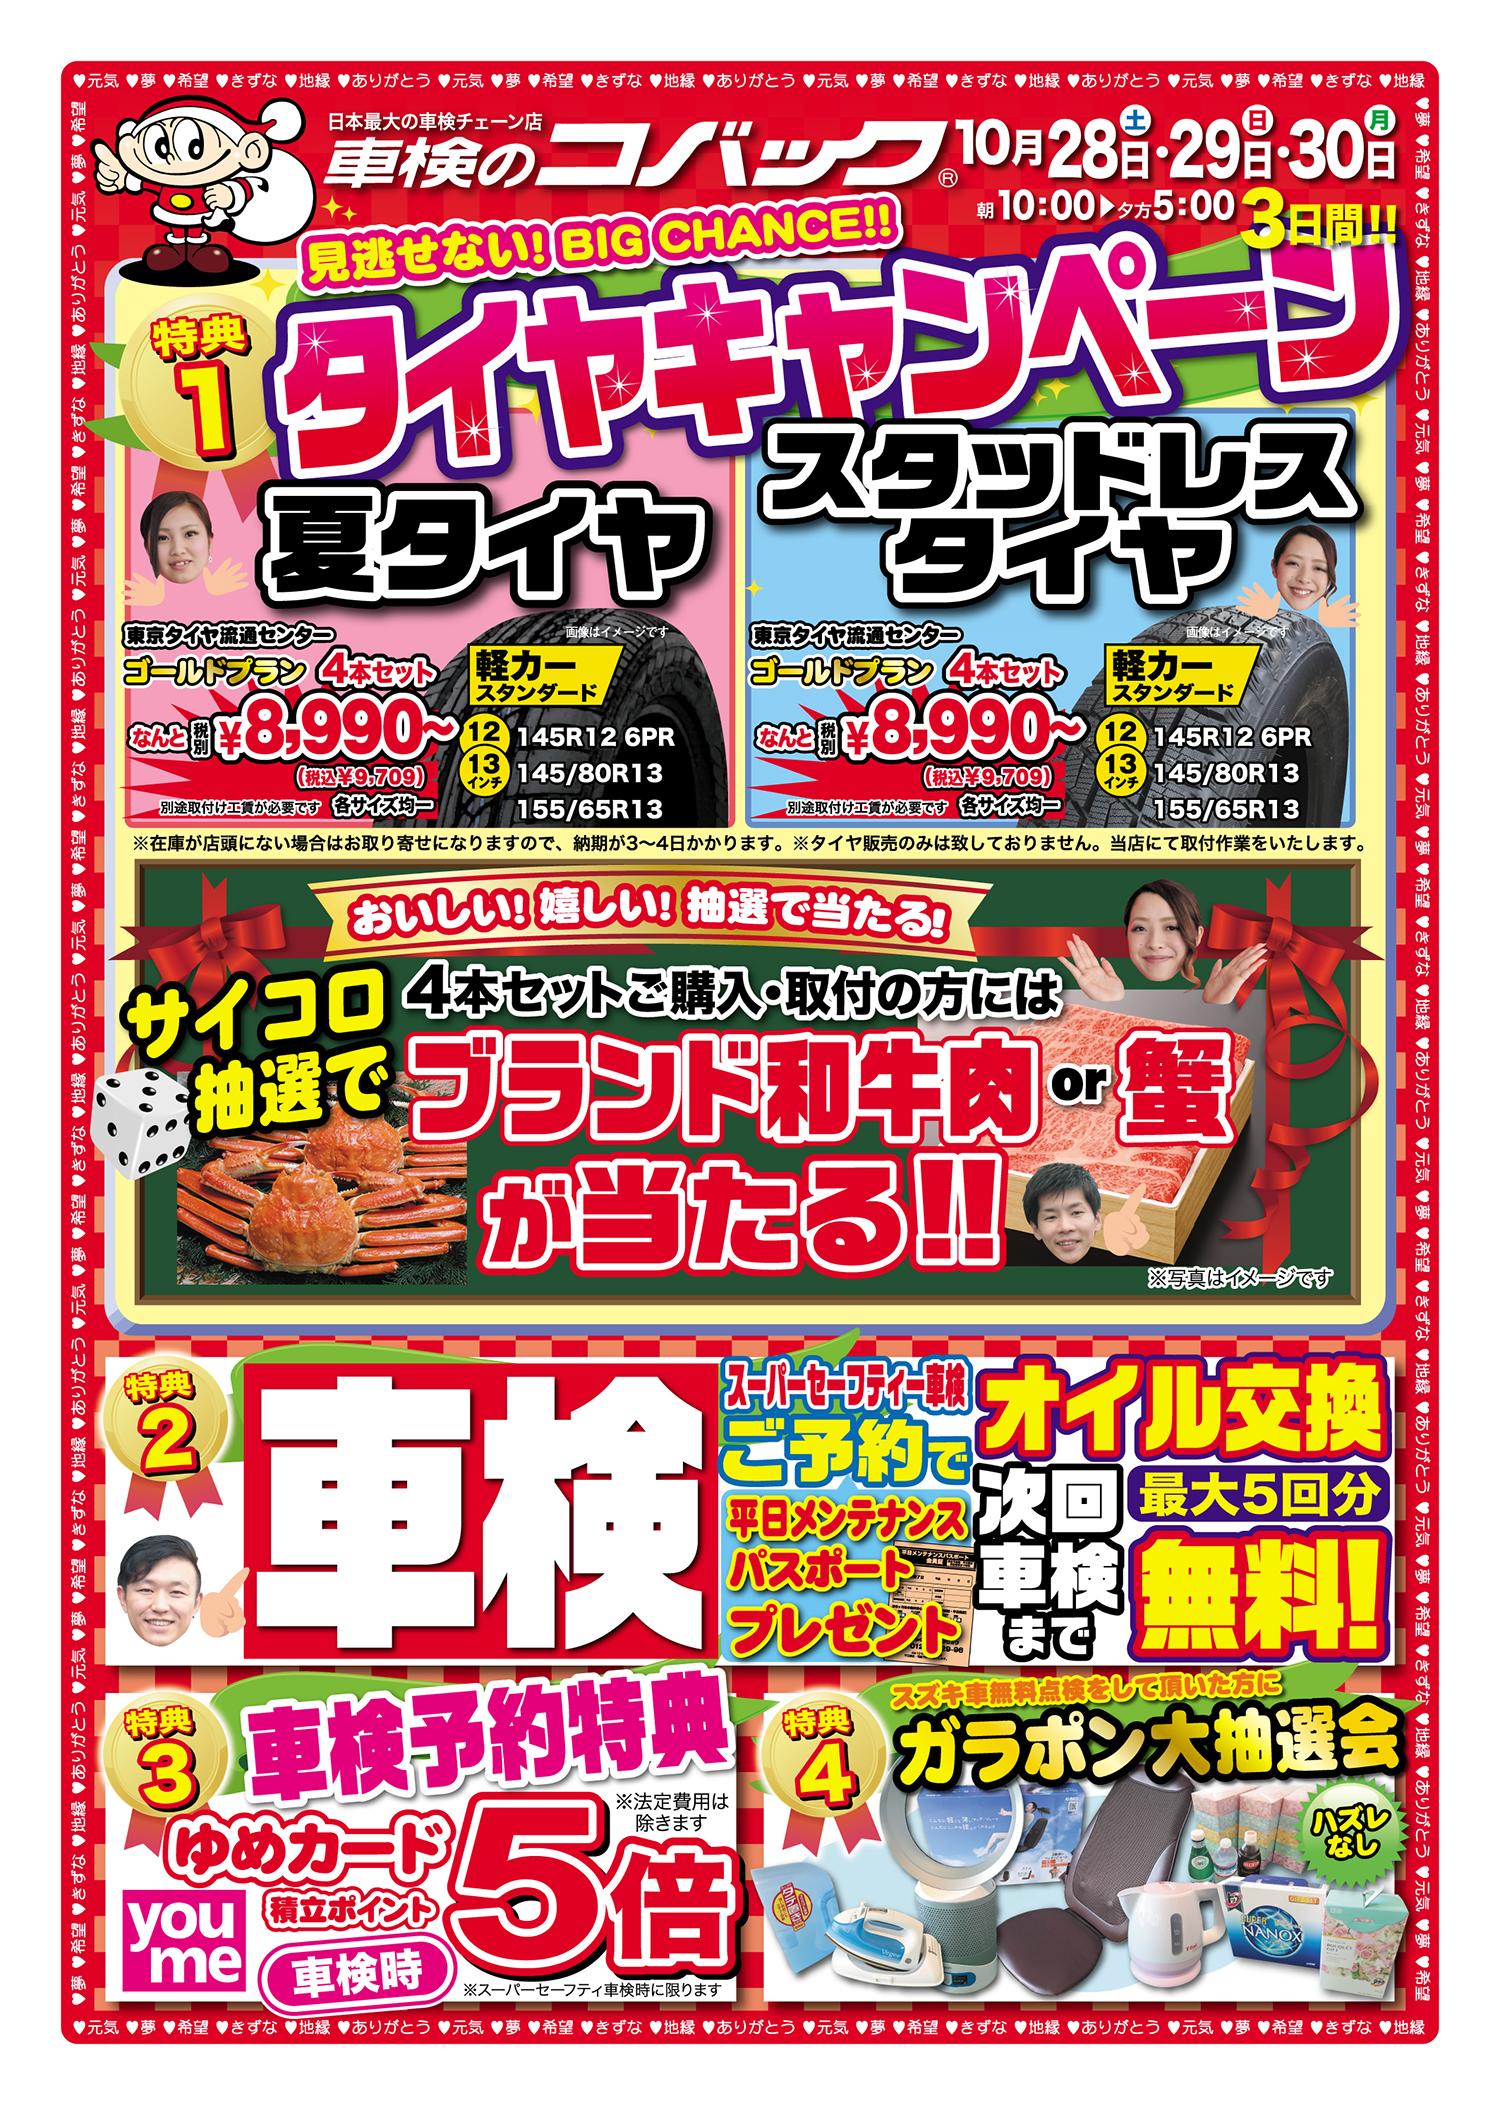 オイル交換100円キャンペーン!